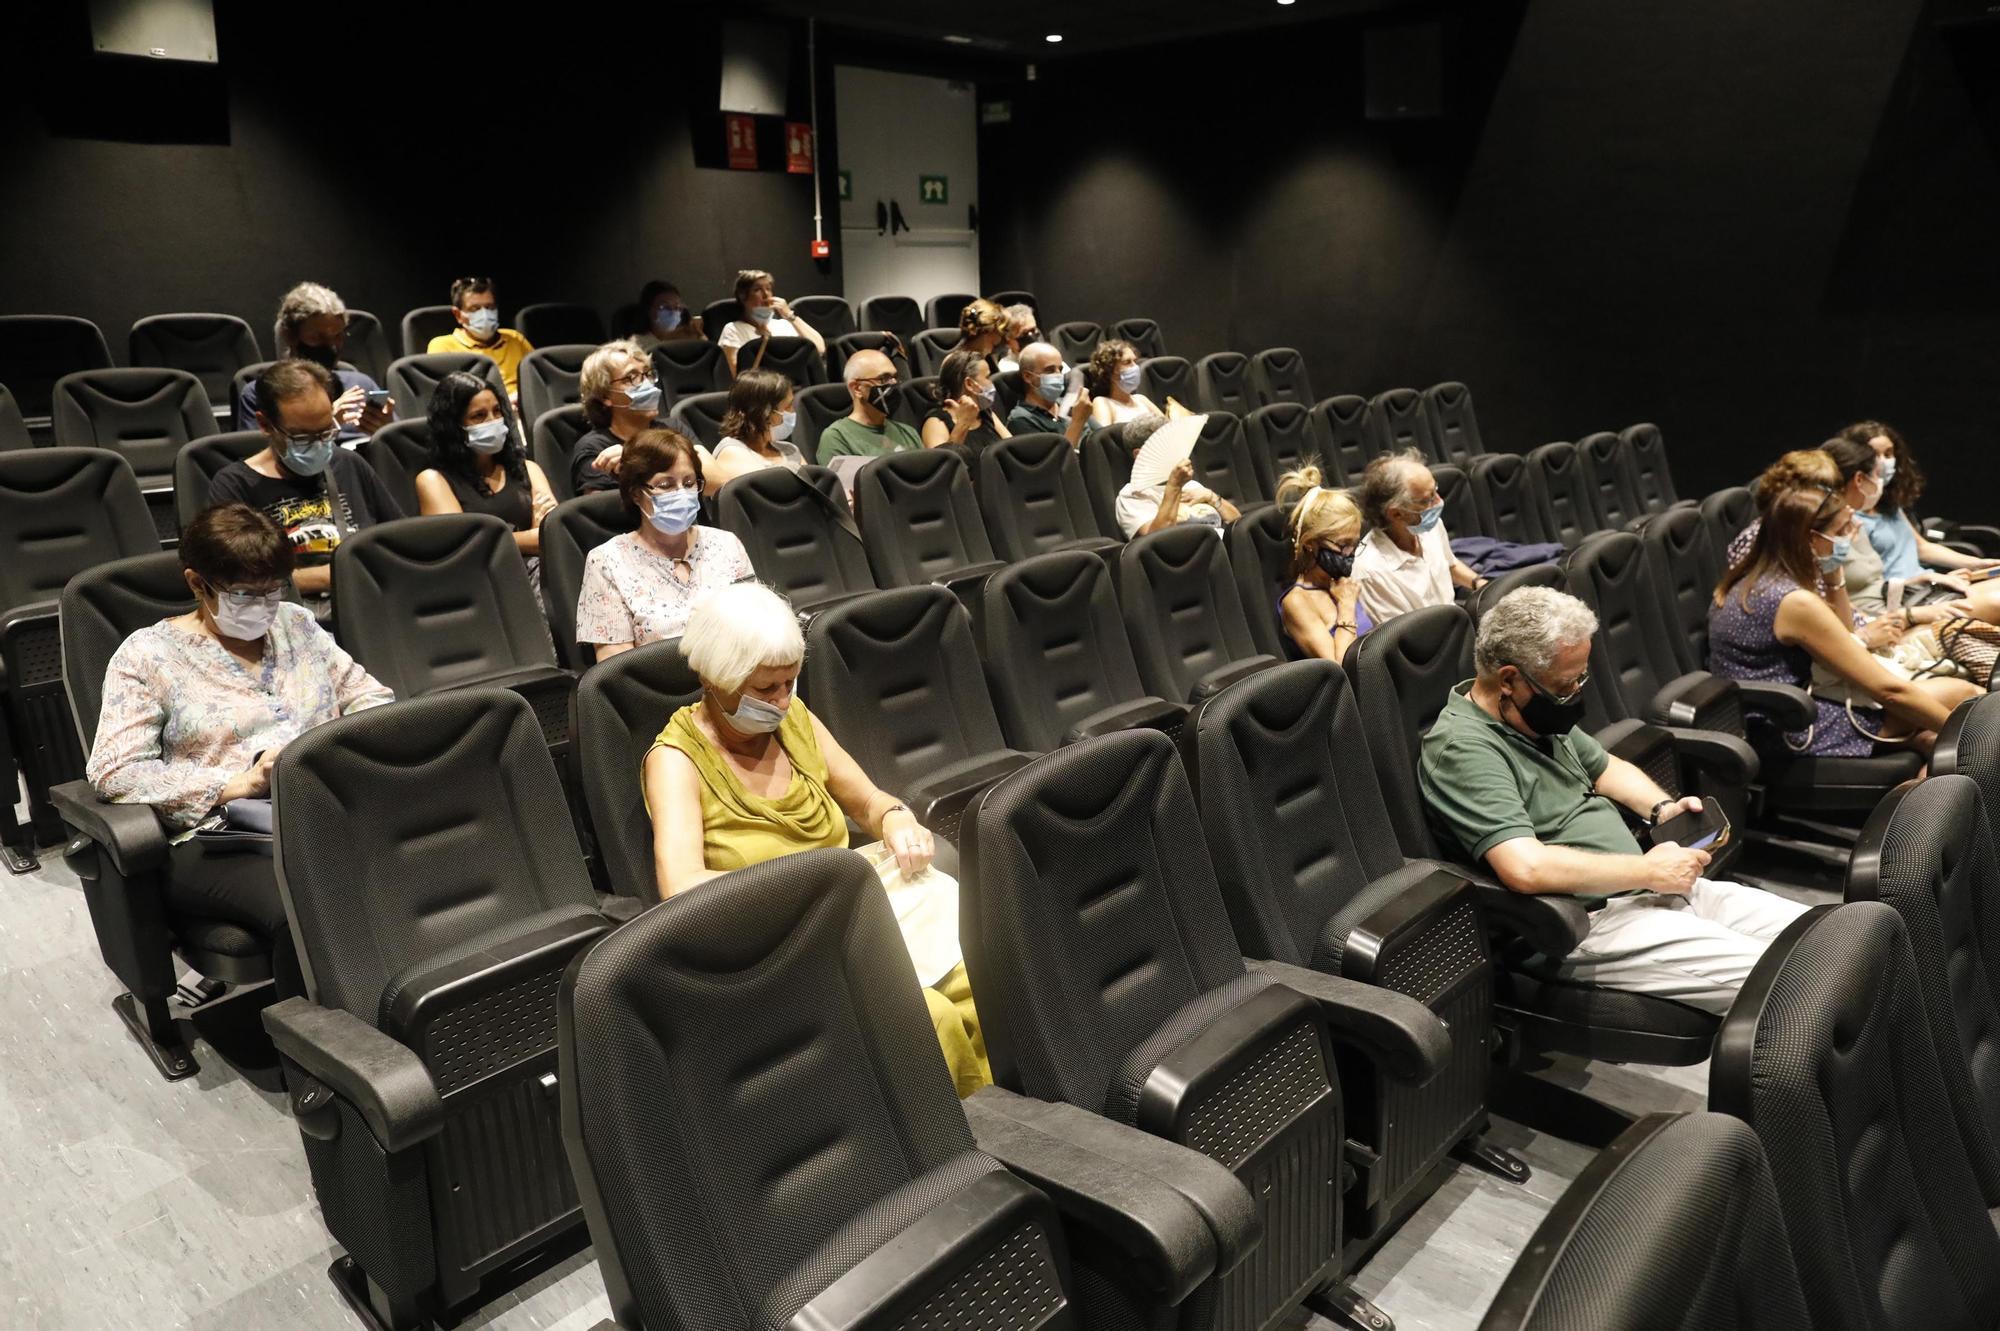 «Annette» és la pel·lícula més vista al Truffaut des de l'esclat de la pandèmia